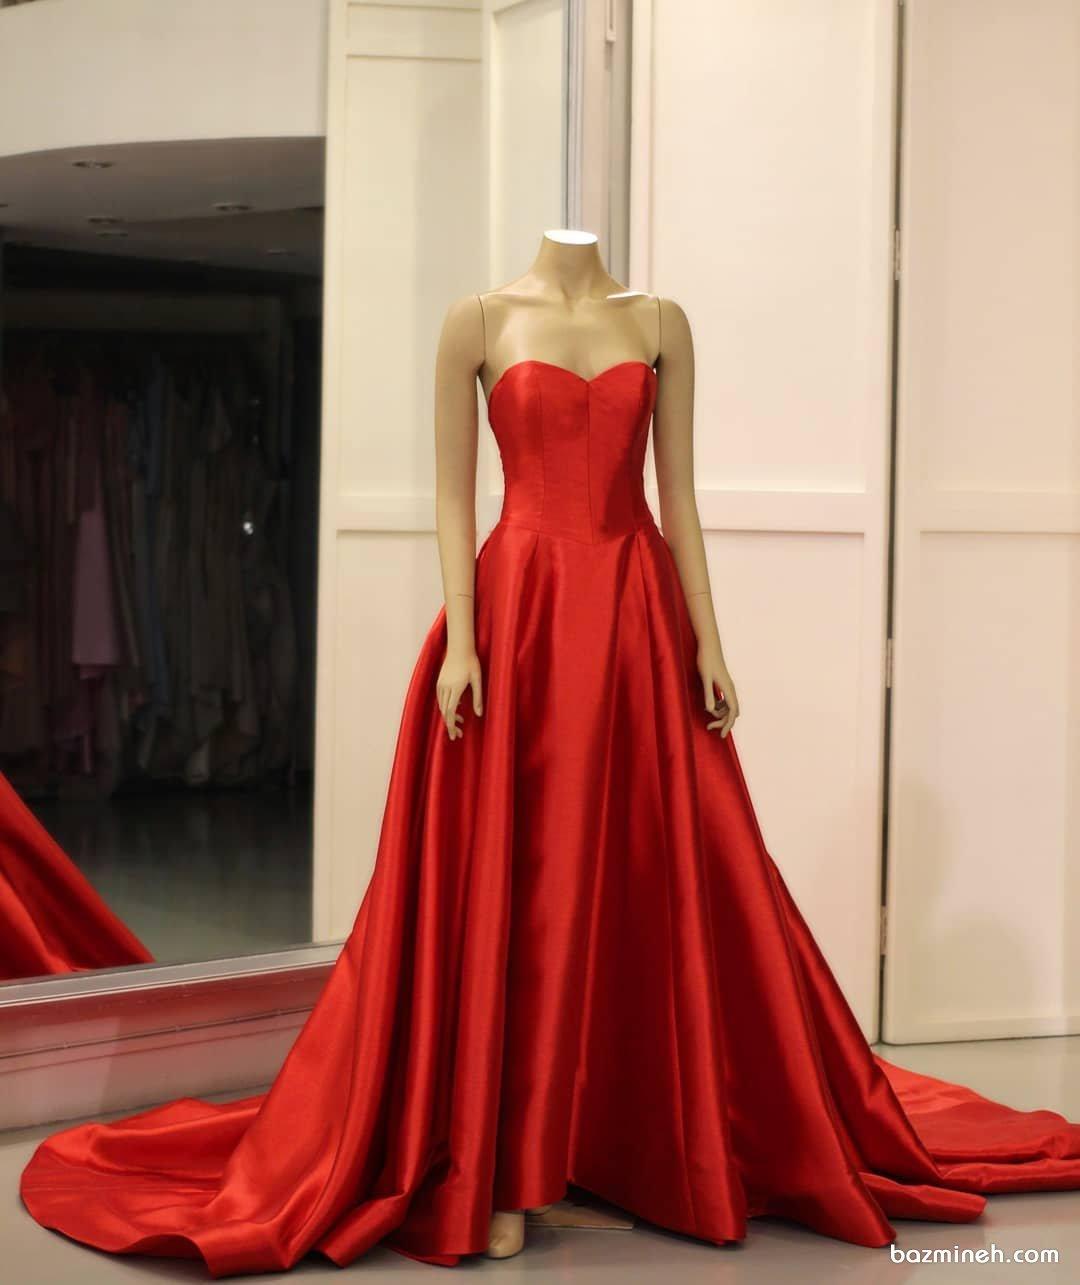 لباس مجلسی با پارچه ساتن براق قرمز رنگ و یقه دکلته قلبی و دامن کلوش دنباله دار مدلی متفاوت برای پیراهن نامزدی